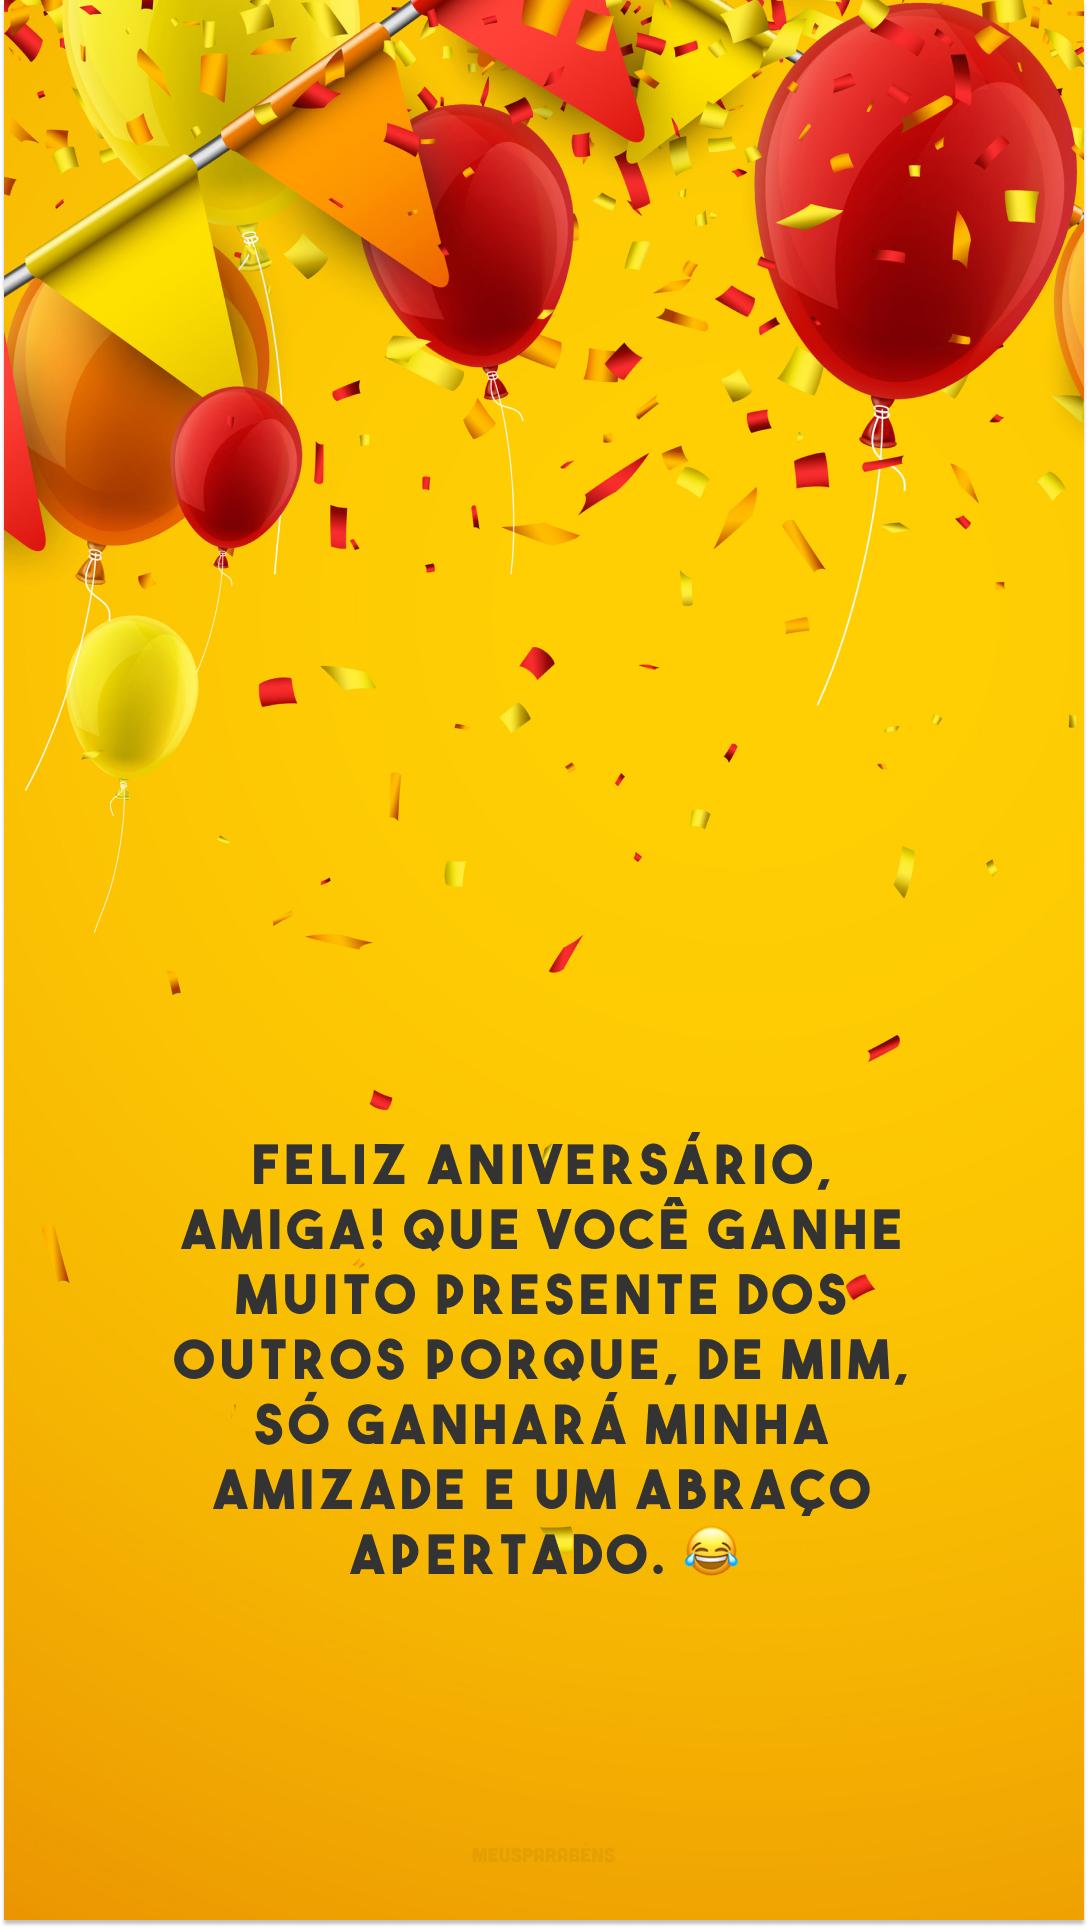 Feliz aniversário, amiga! Que você ganhe muito presente dos outros porque, de mim, só ganhará minha amizade e um abraço apertado. 😂